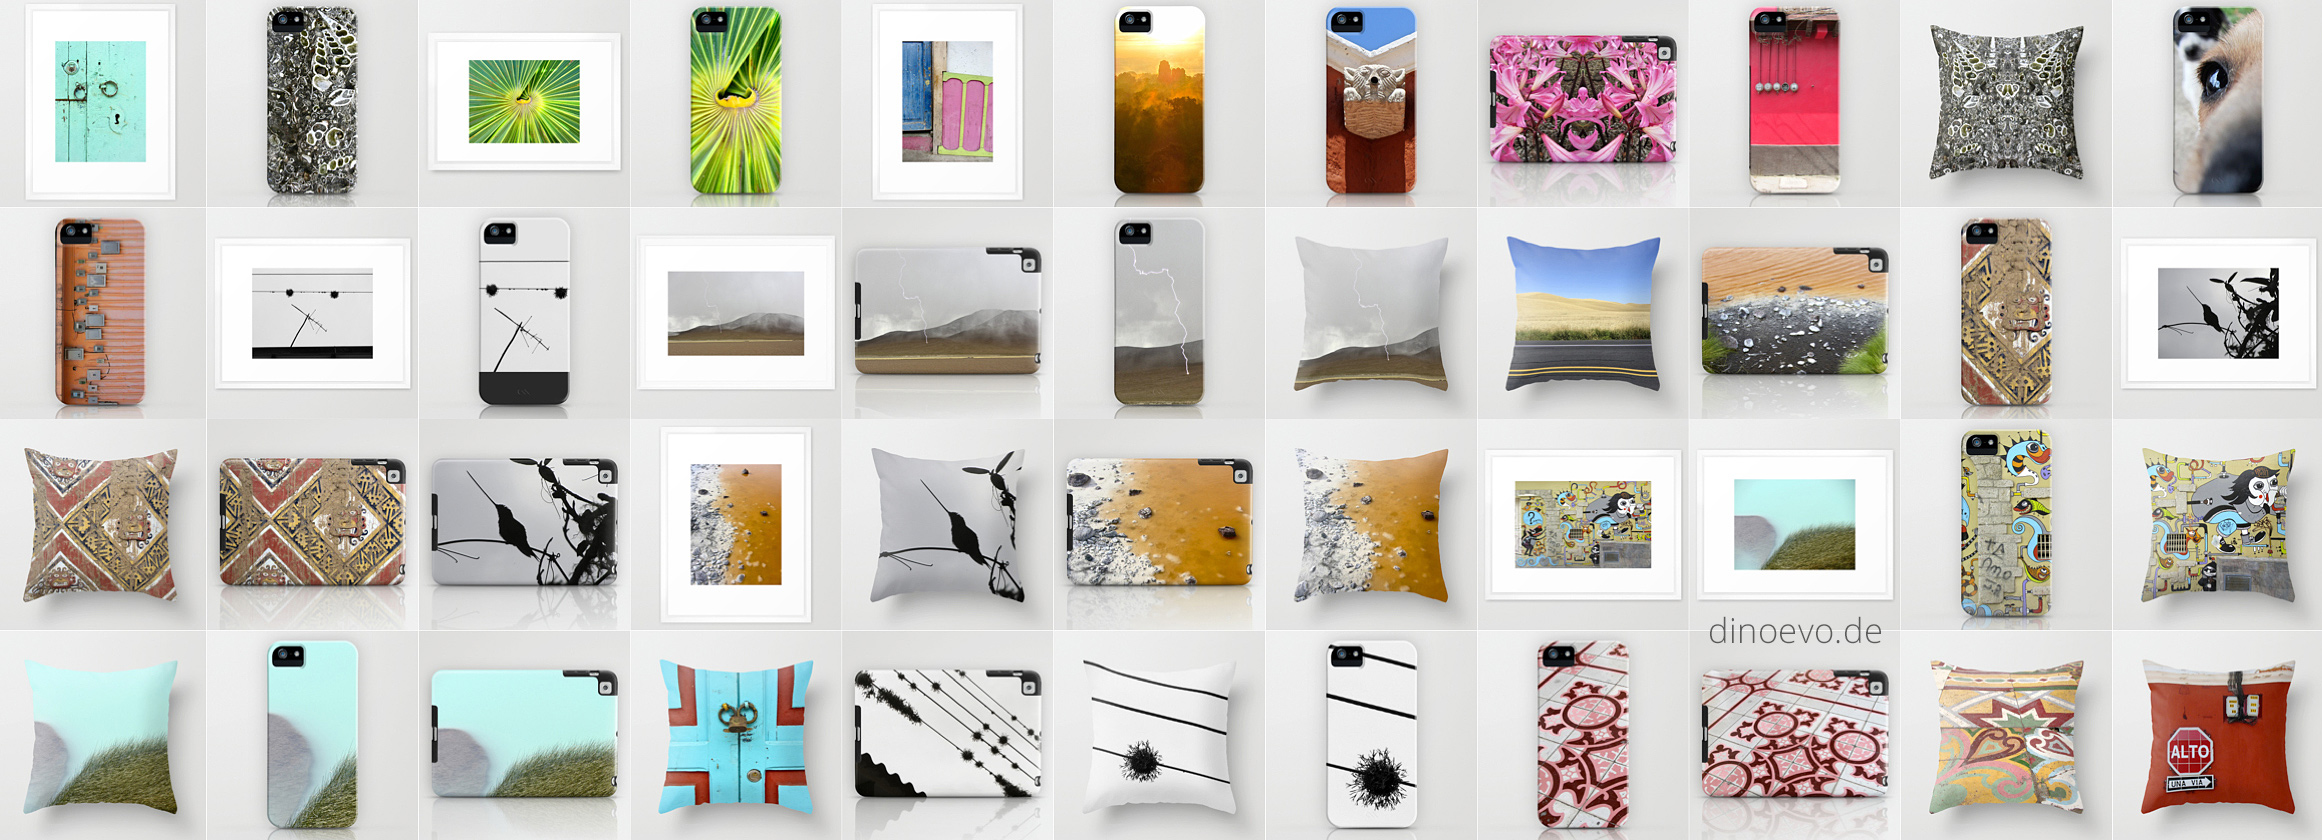 Products DinoEvo